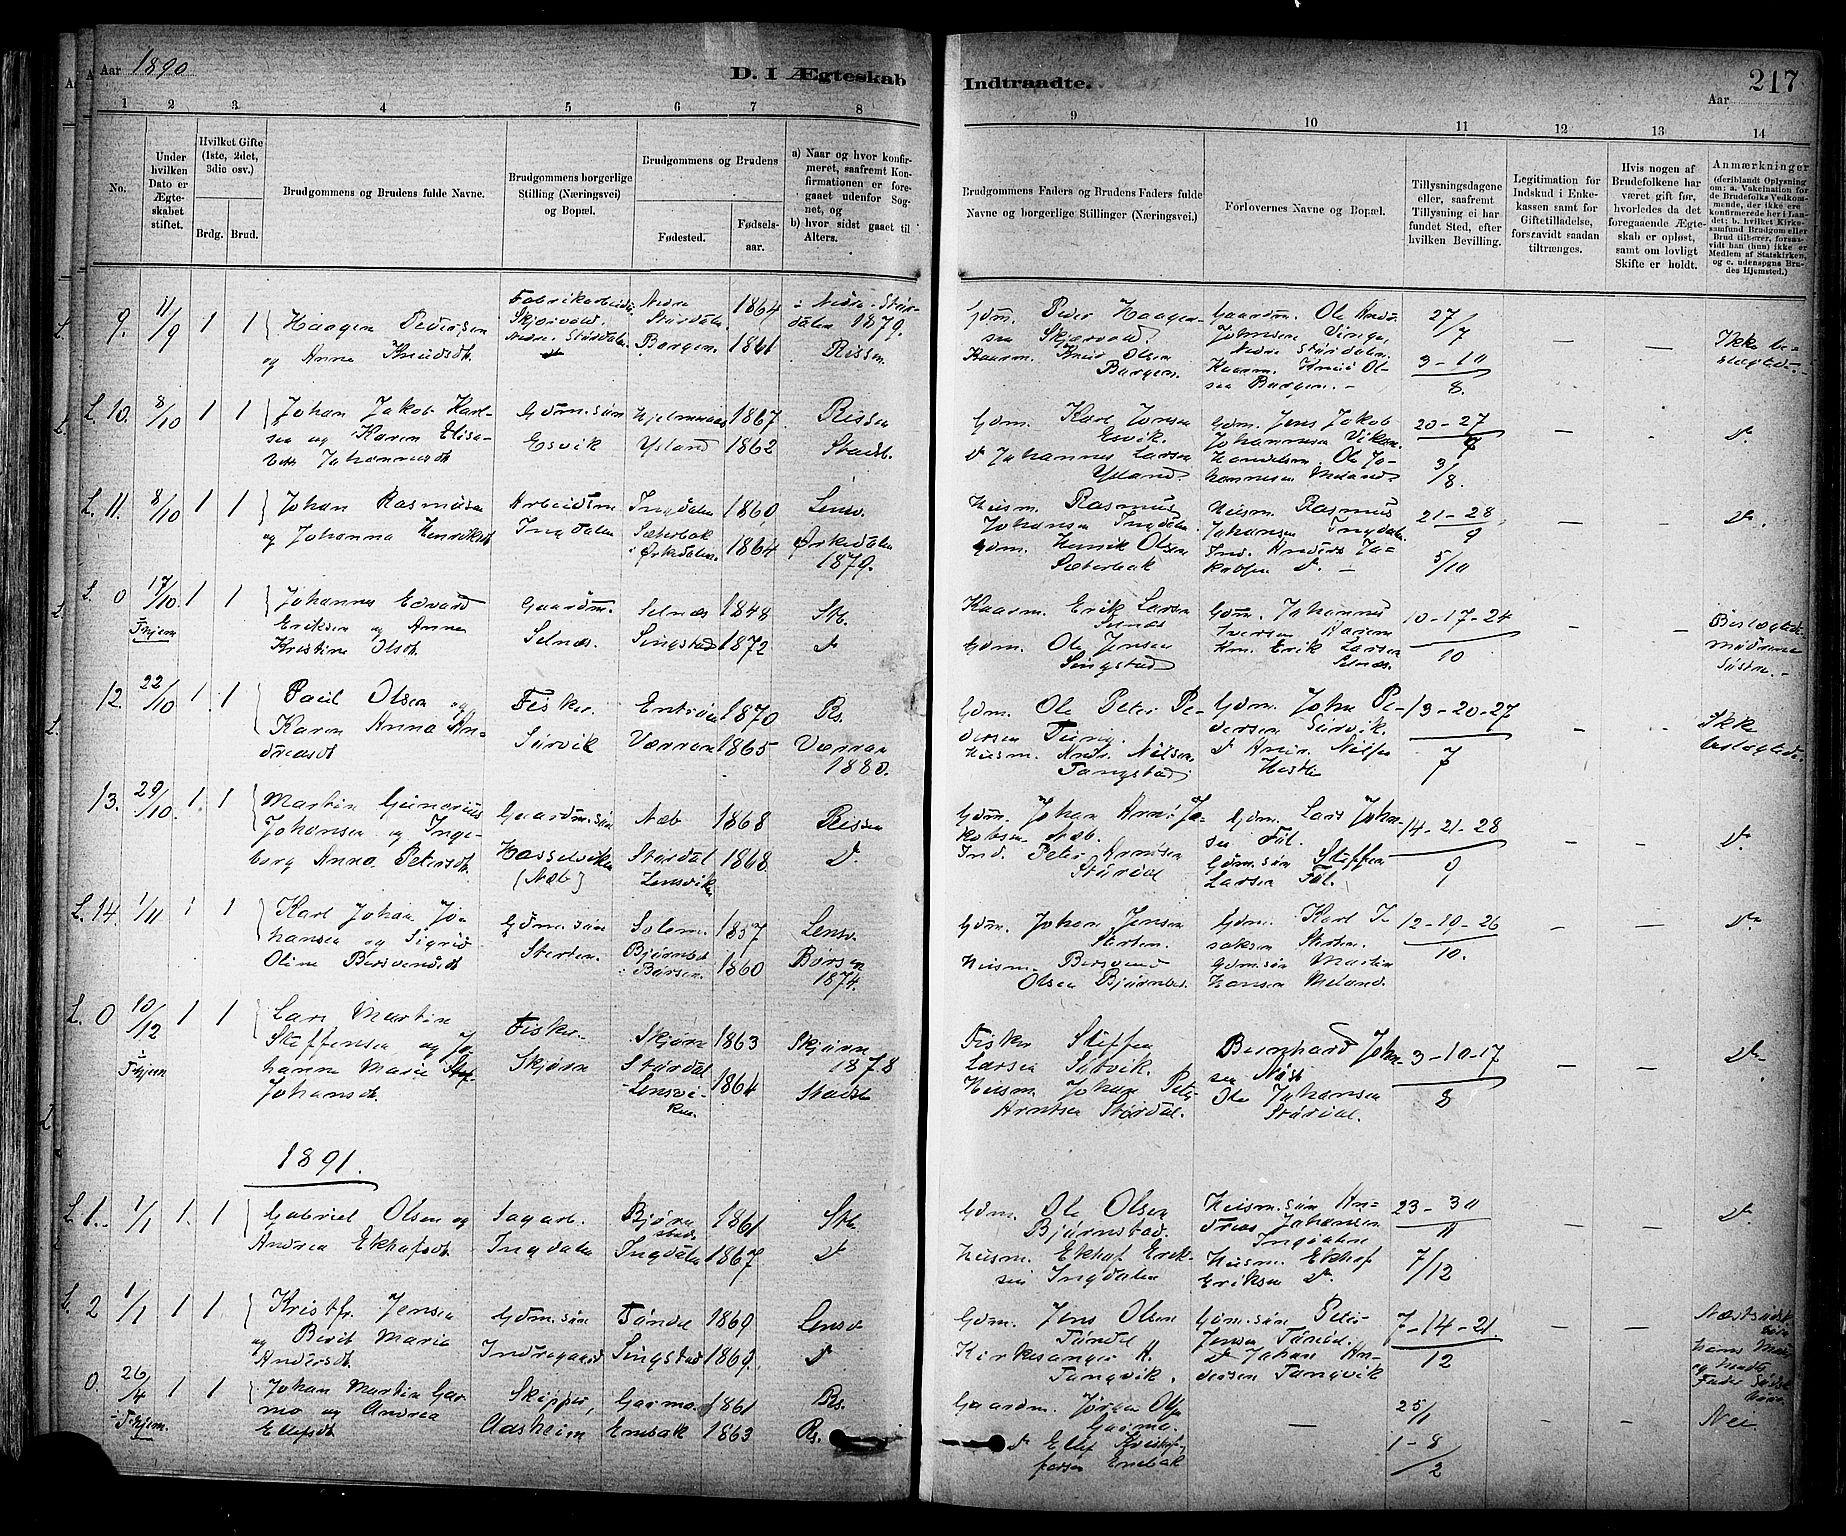 SAT, Ministerialprotokoller, klokkerbøker og fødselsregistre - Sør-Trøndelag, 647/L0634: Ministerialbok nr. 647A01, 1885-1896, s. 217